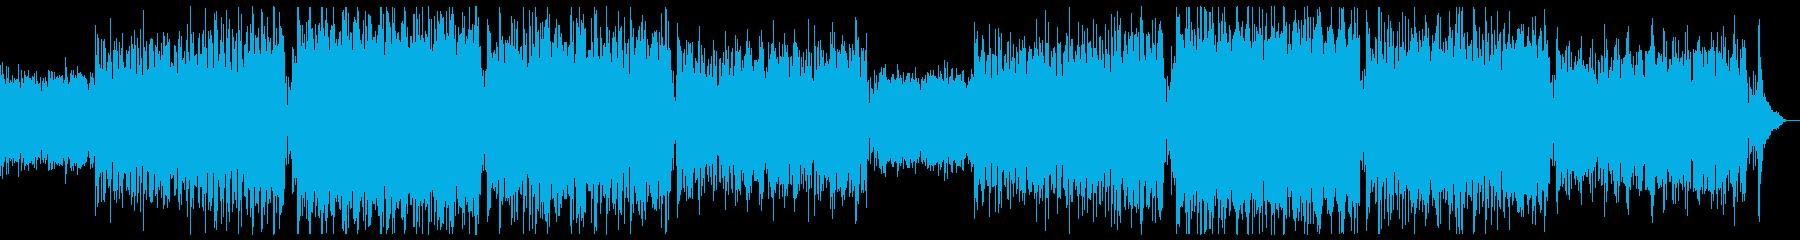 ハリウッド風ダークバイオリンx2回の再生済みの波形